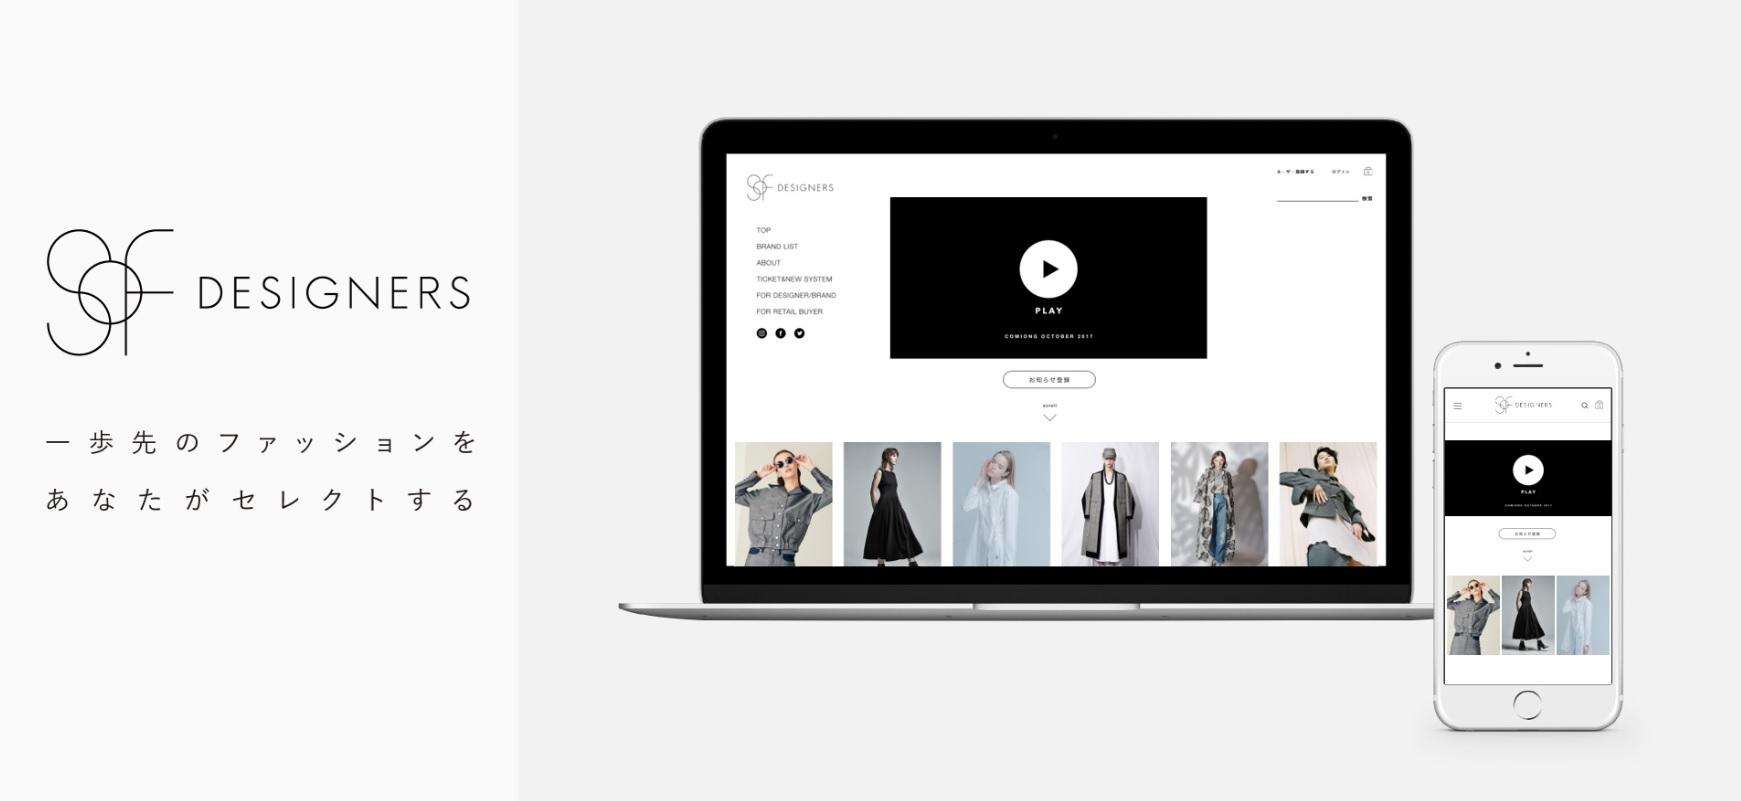 0→1を創るファッション好きなエンジニアを募集!のカバー写真